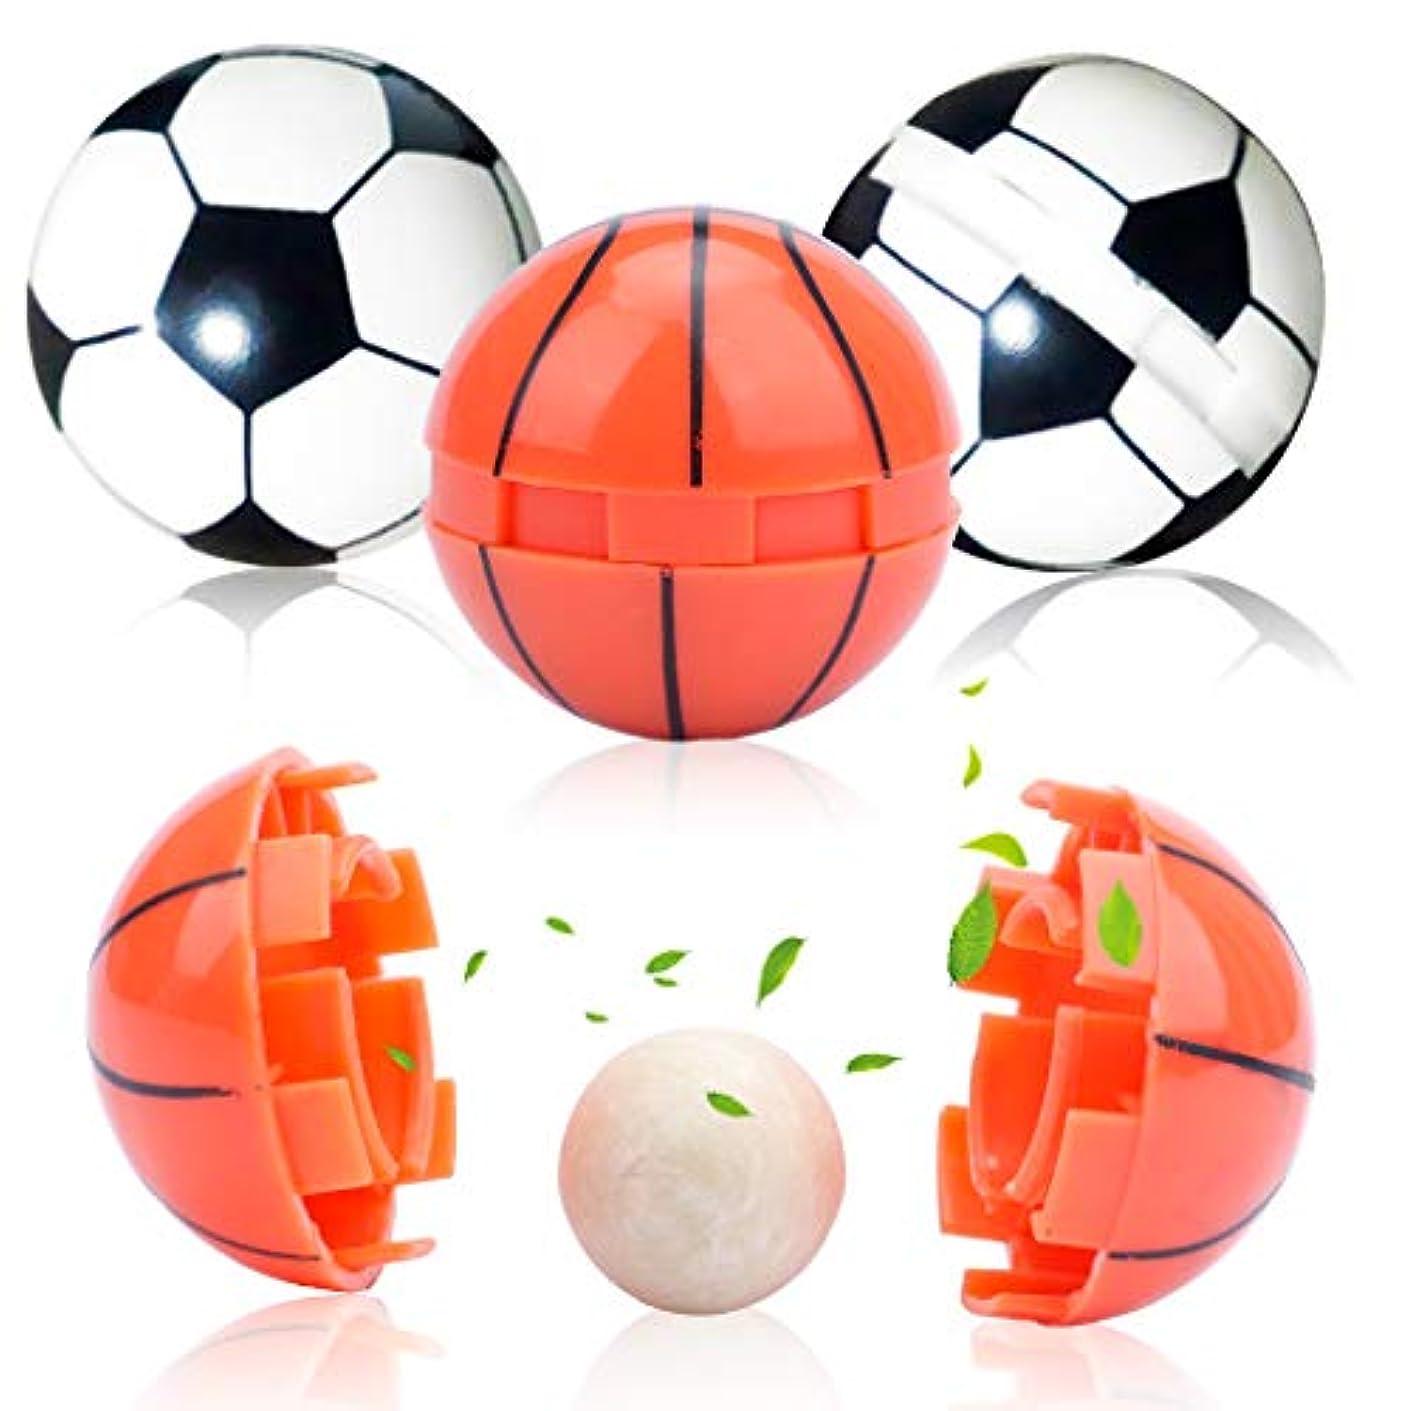 非常に怒っていますギャンブルキリンAmycute アロマ アロマボール 香り玉 4点セット (18mm)750g 丸型 サッカー&バスケットボールデザイン 香りが長続き